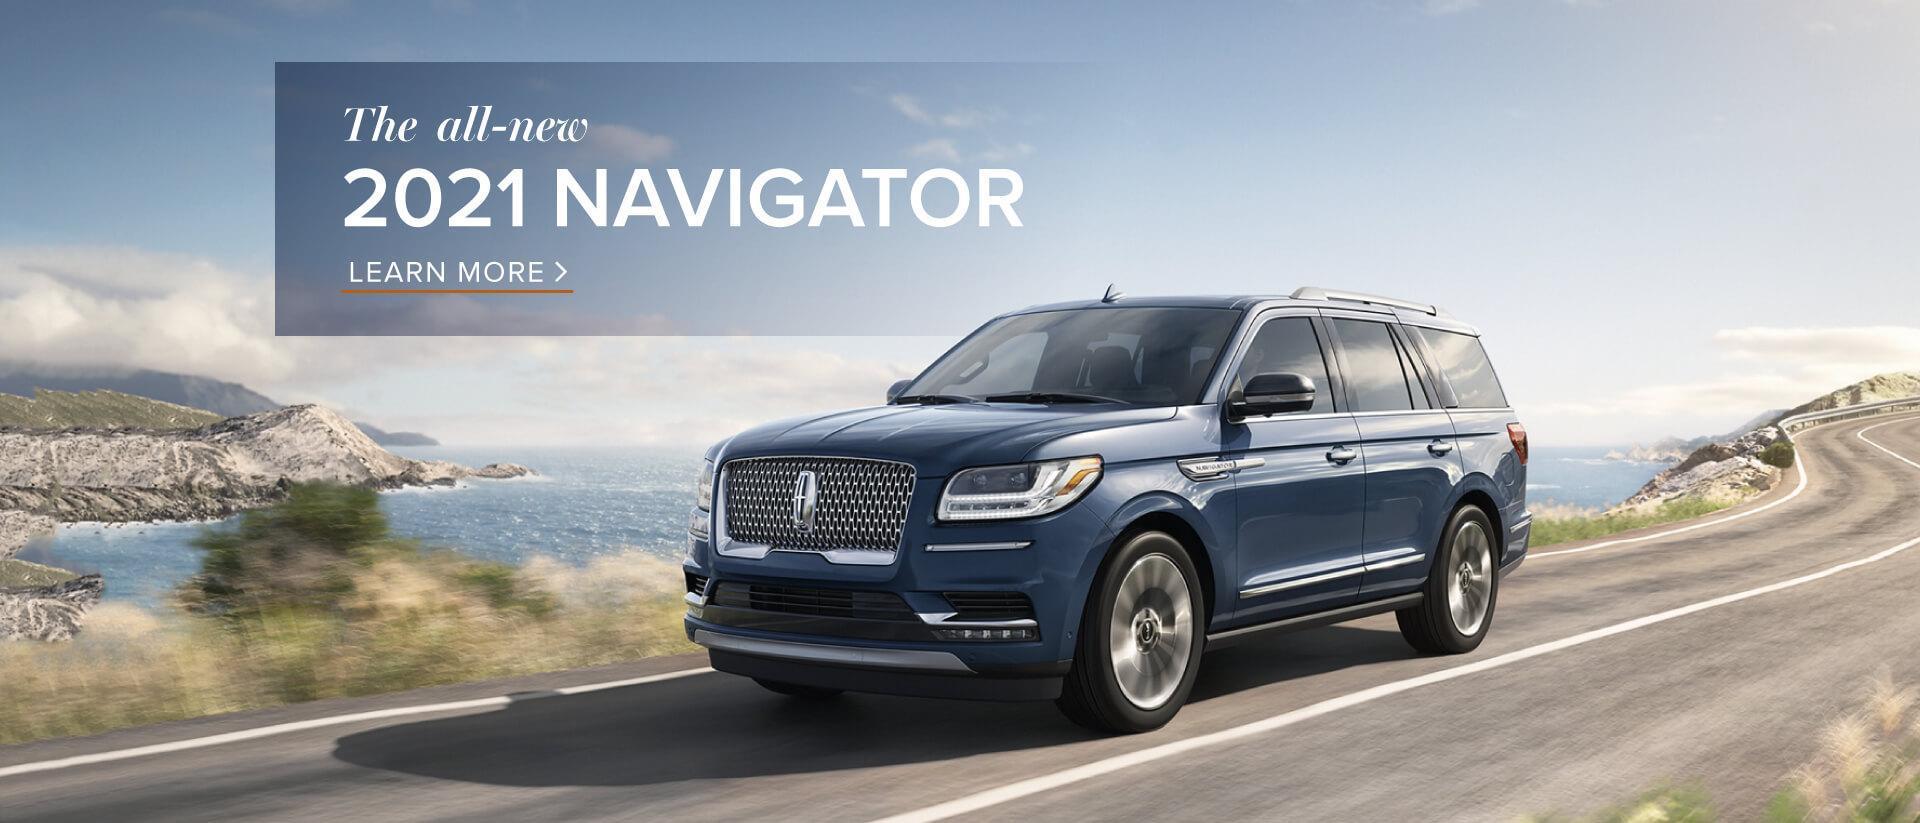 2021 Navigator